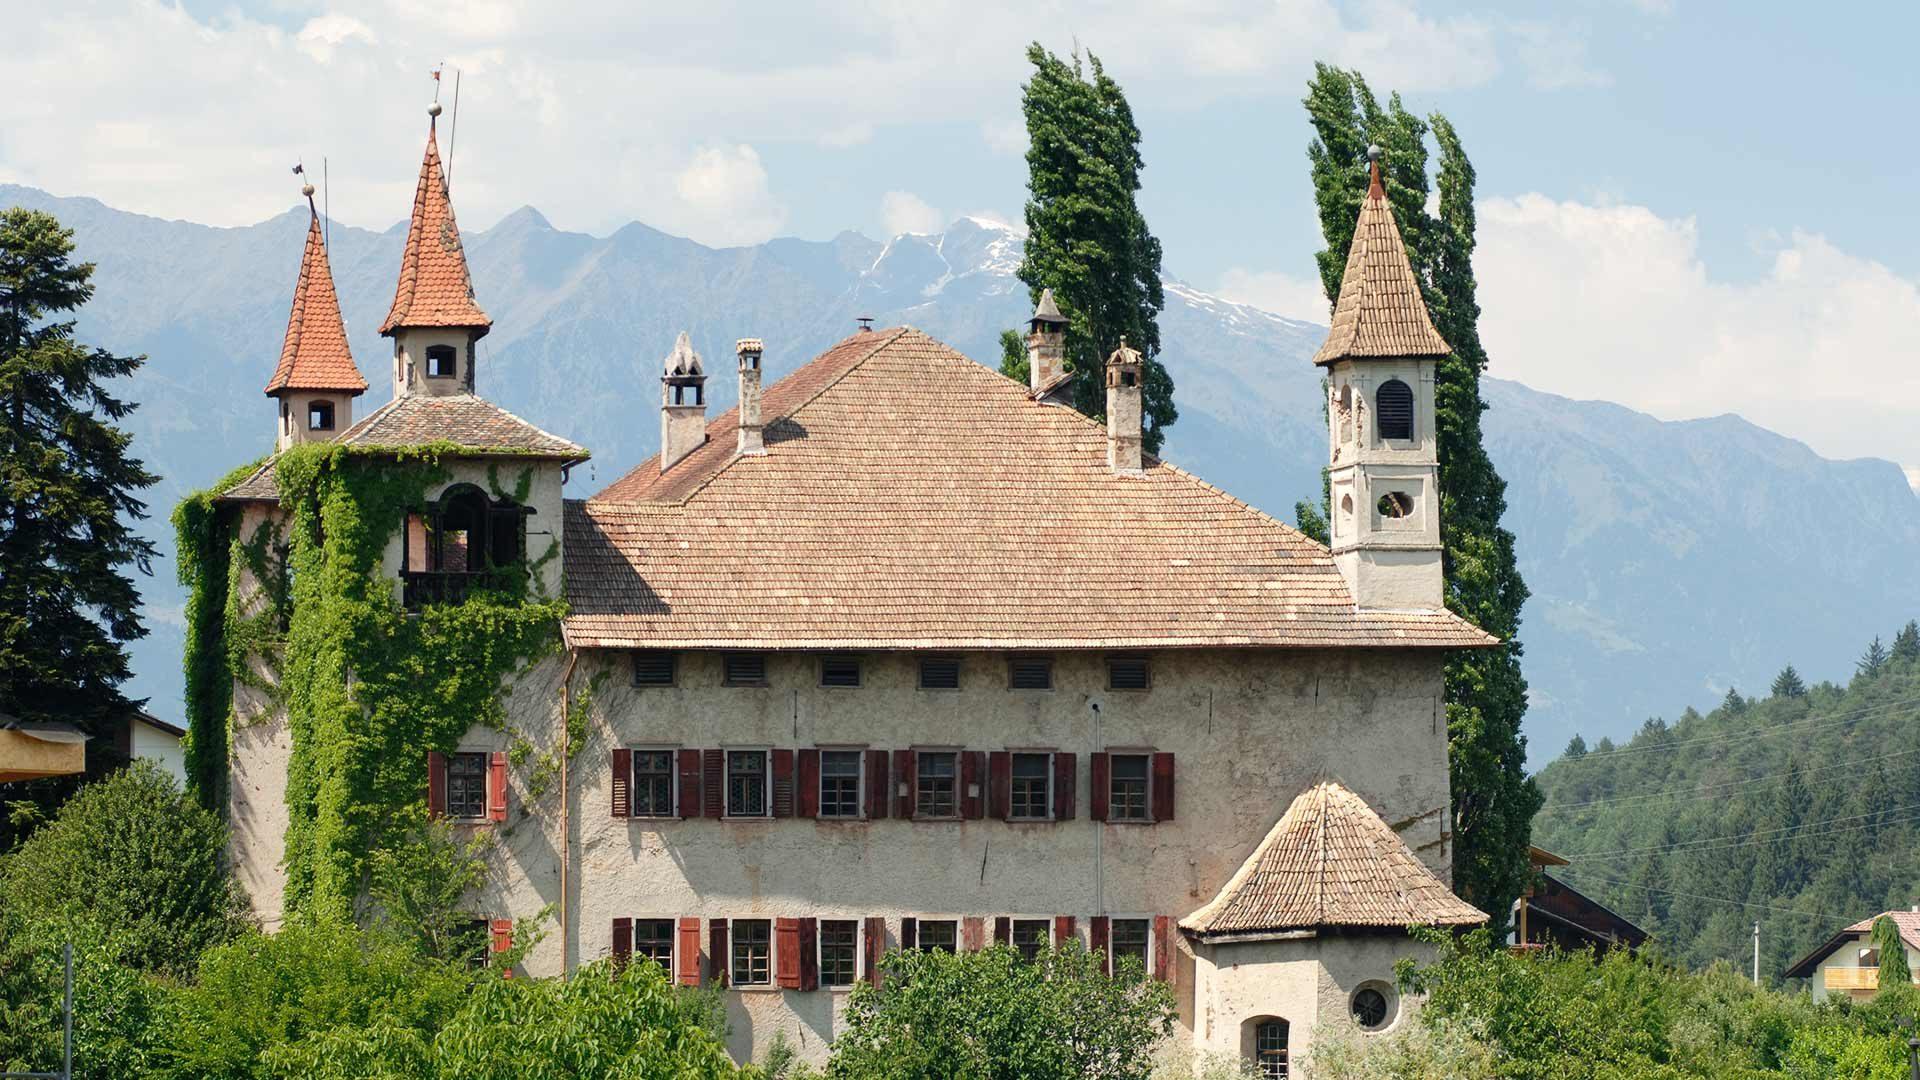 Castello Fahlburg